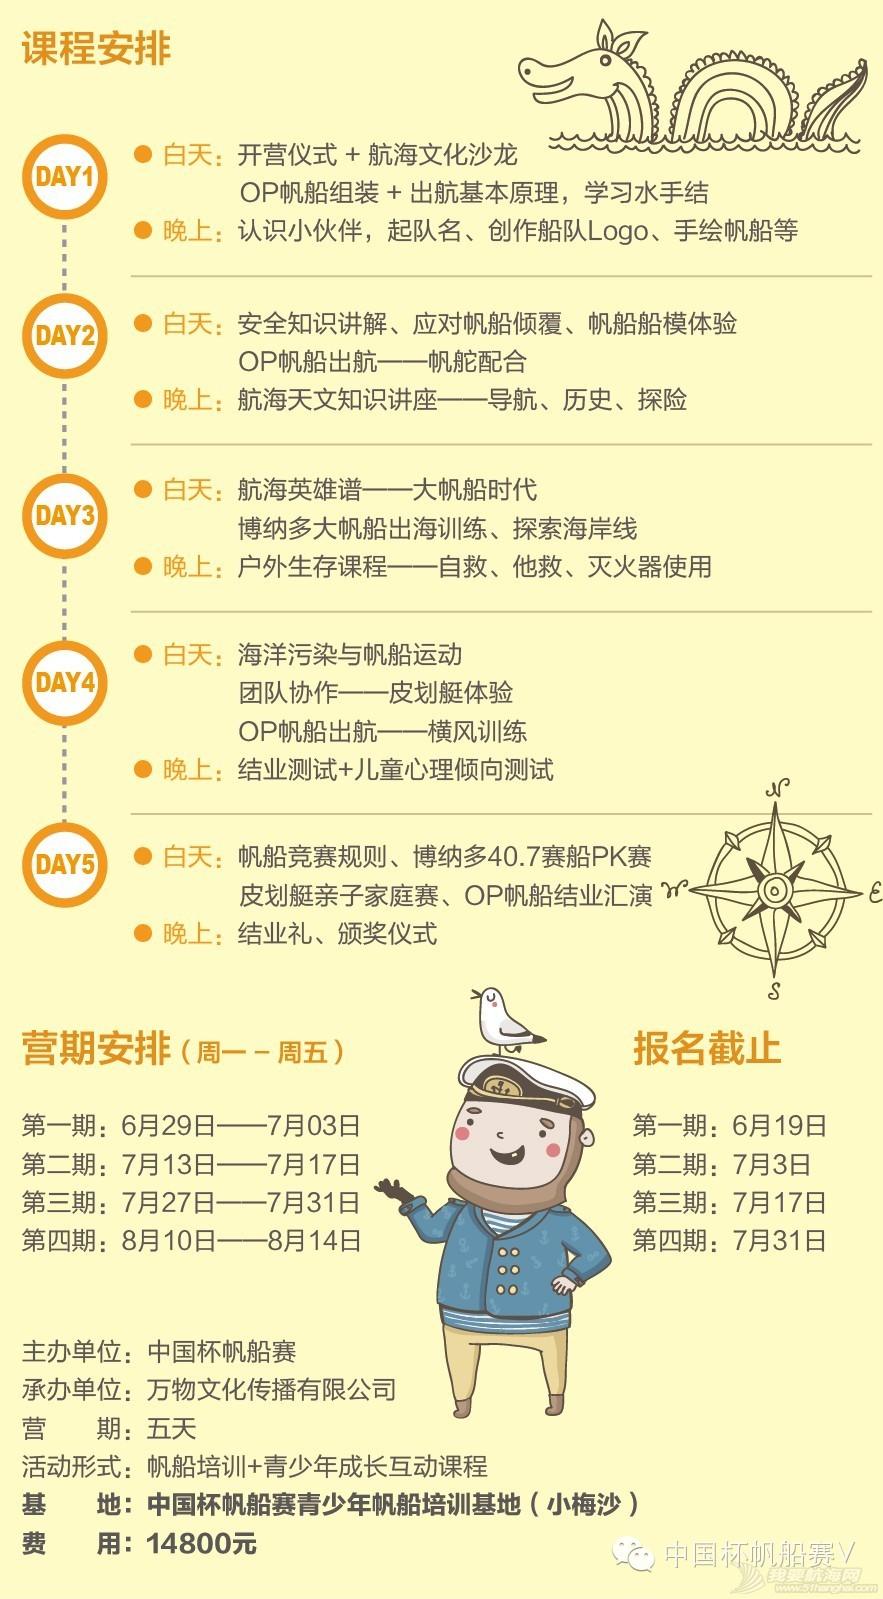 夏令营 2015年深惠航海夏令营之七   惠东海虹湾子熬航海夏令营 61448873795c1e2d44216d46b07f887f.jpg